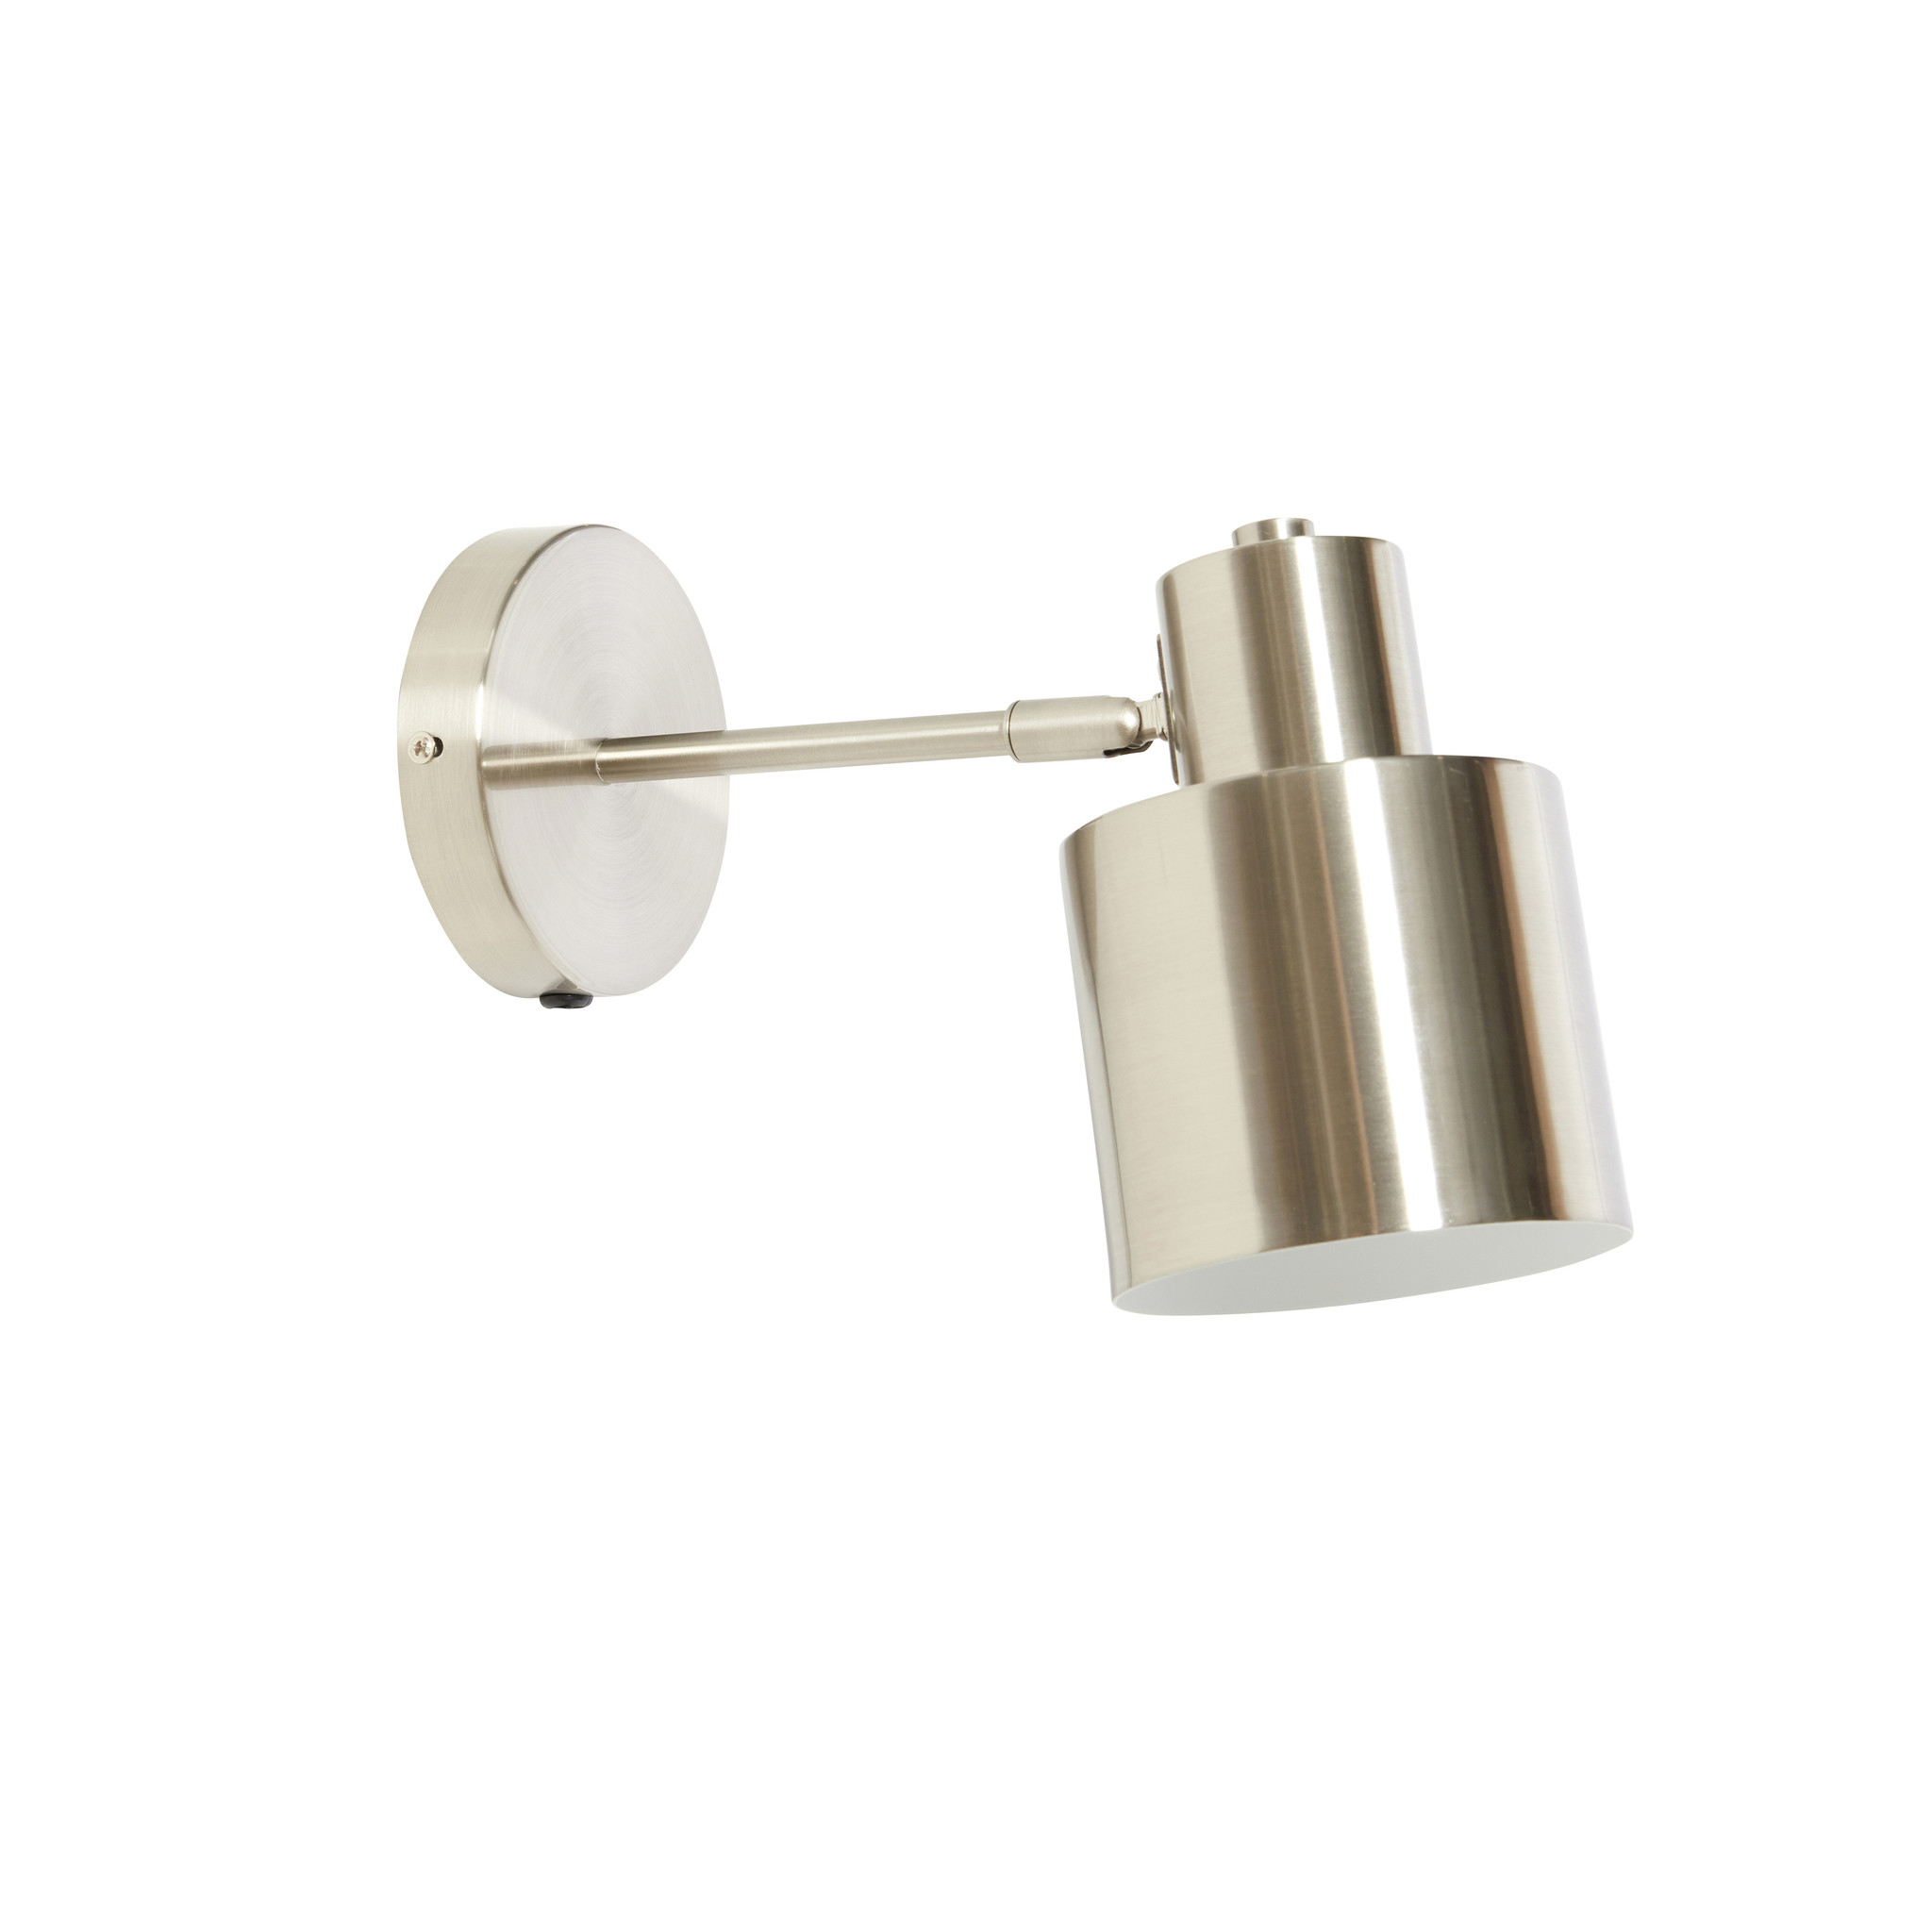 Hubsch Wandlamp nikkel-991323-